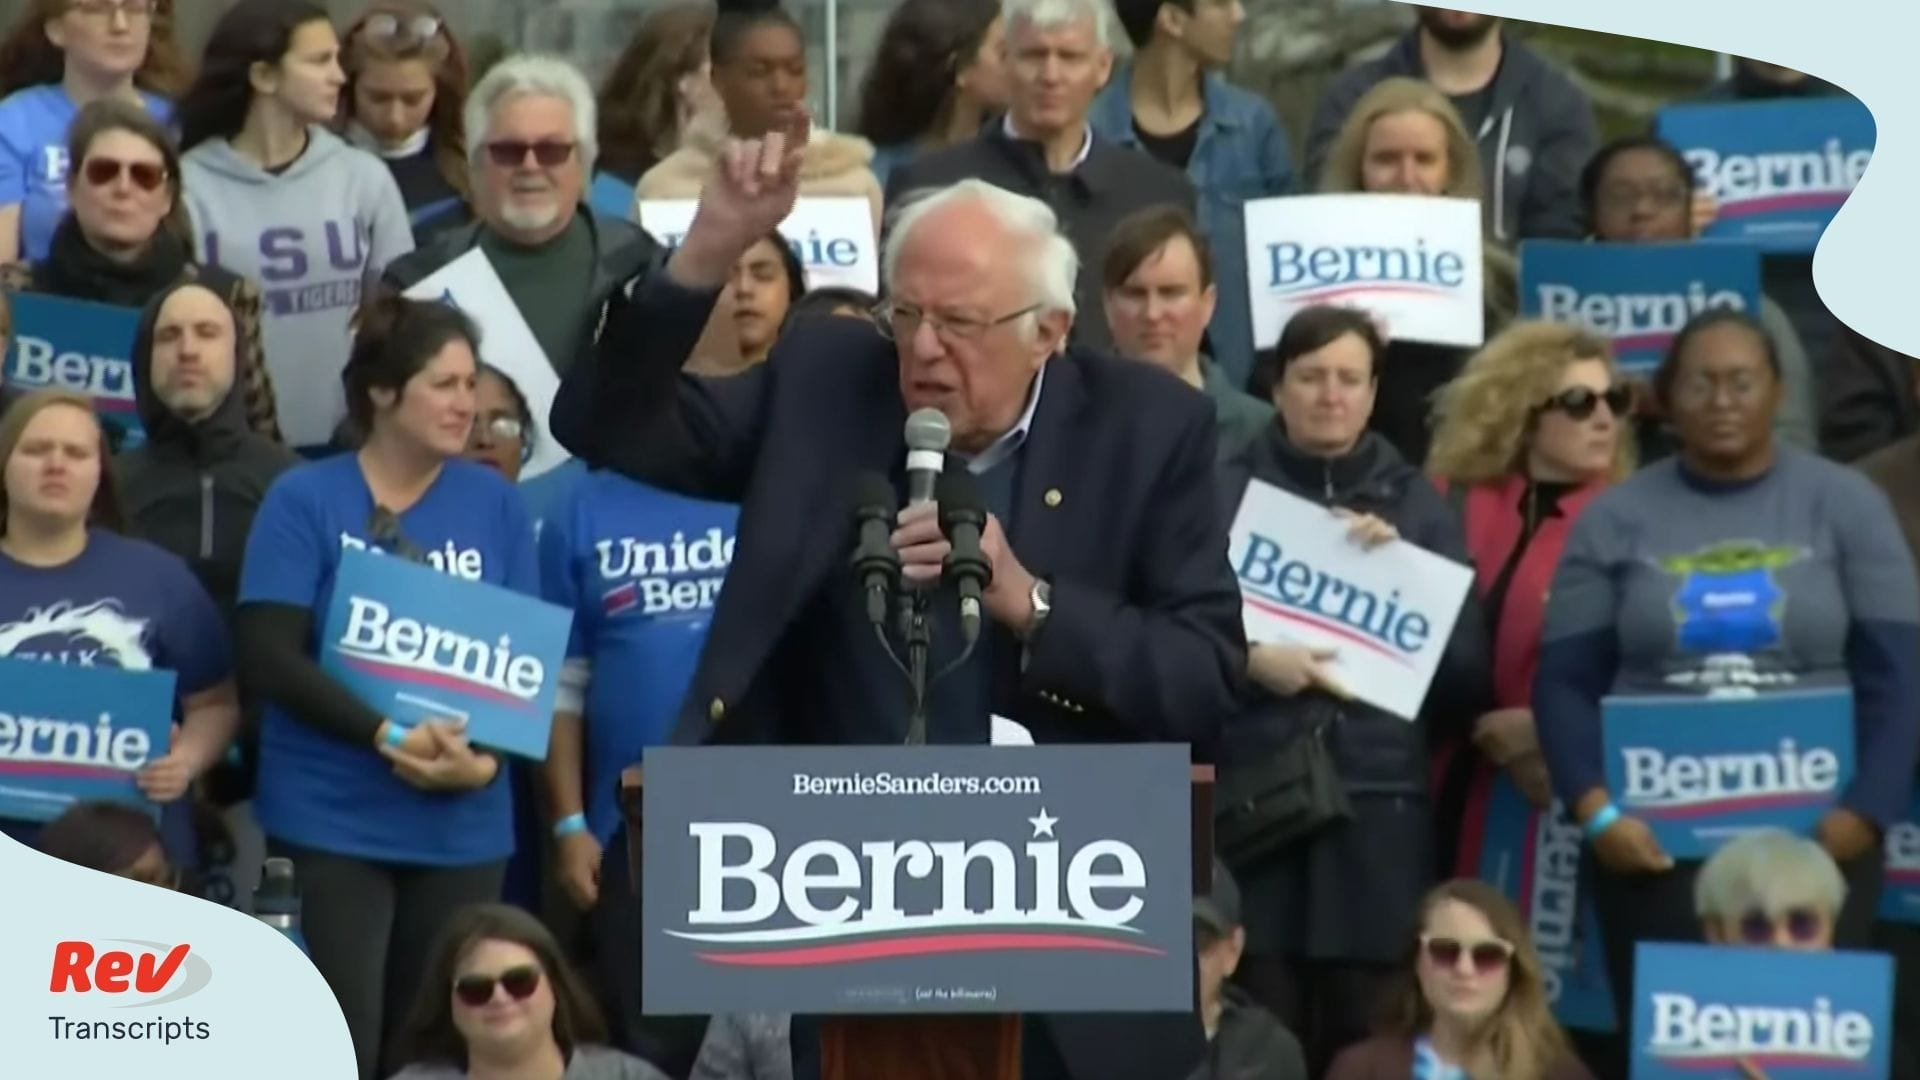 Bernie Sanders South Carolina Rally Transcript